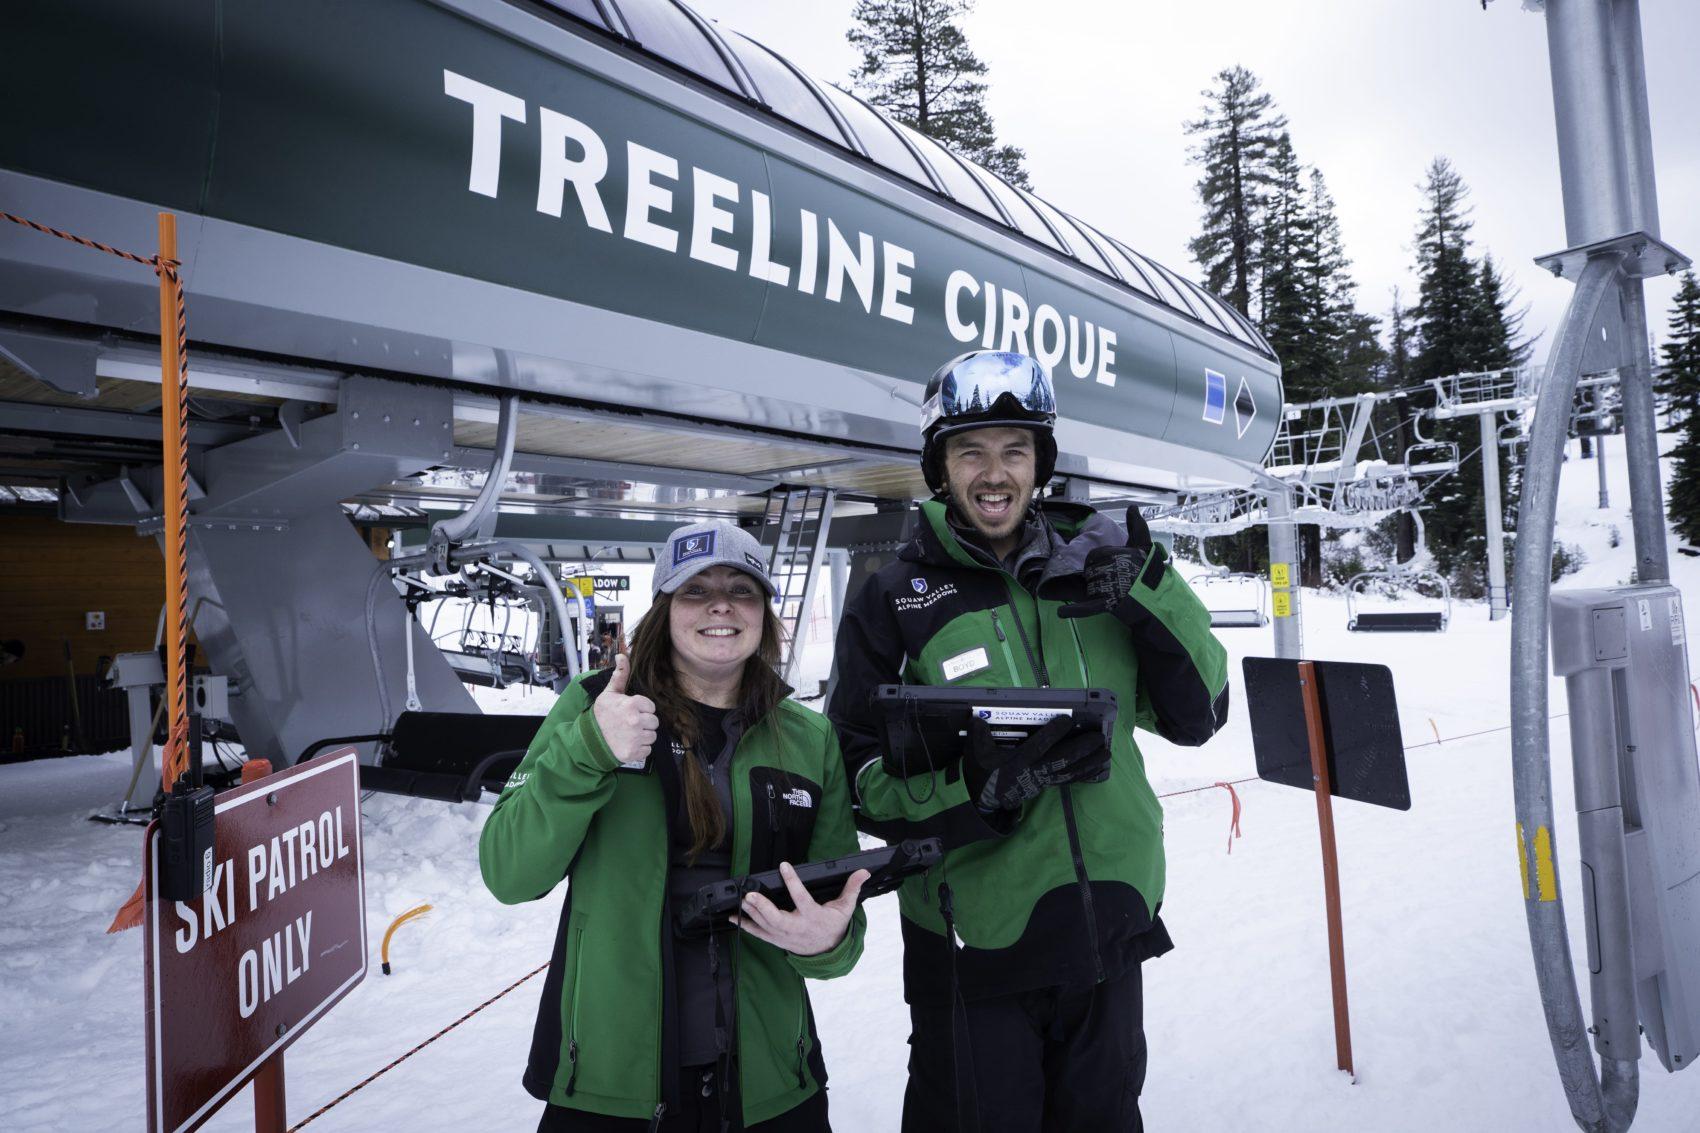 Treeline Cirque, alpine meadows, california